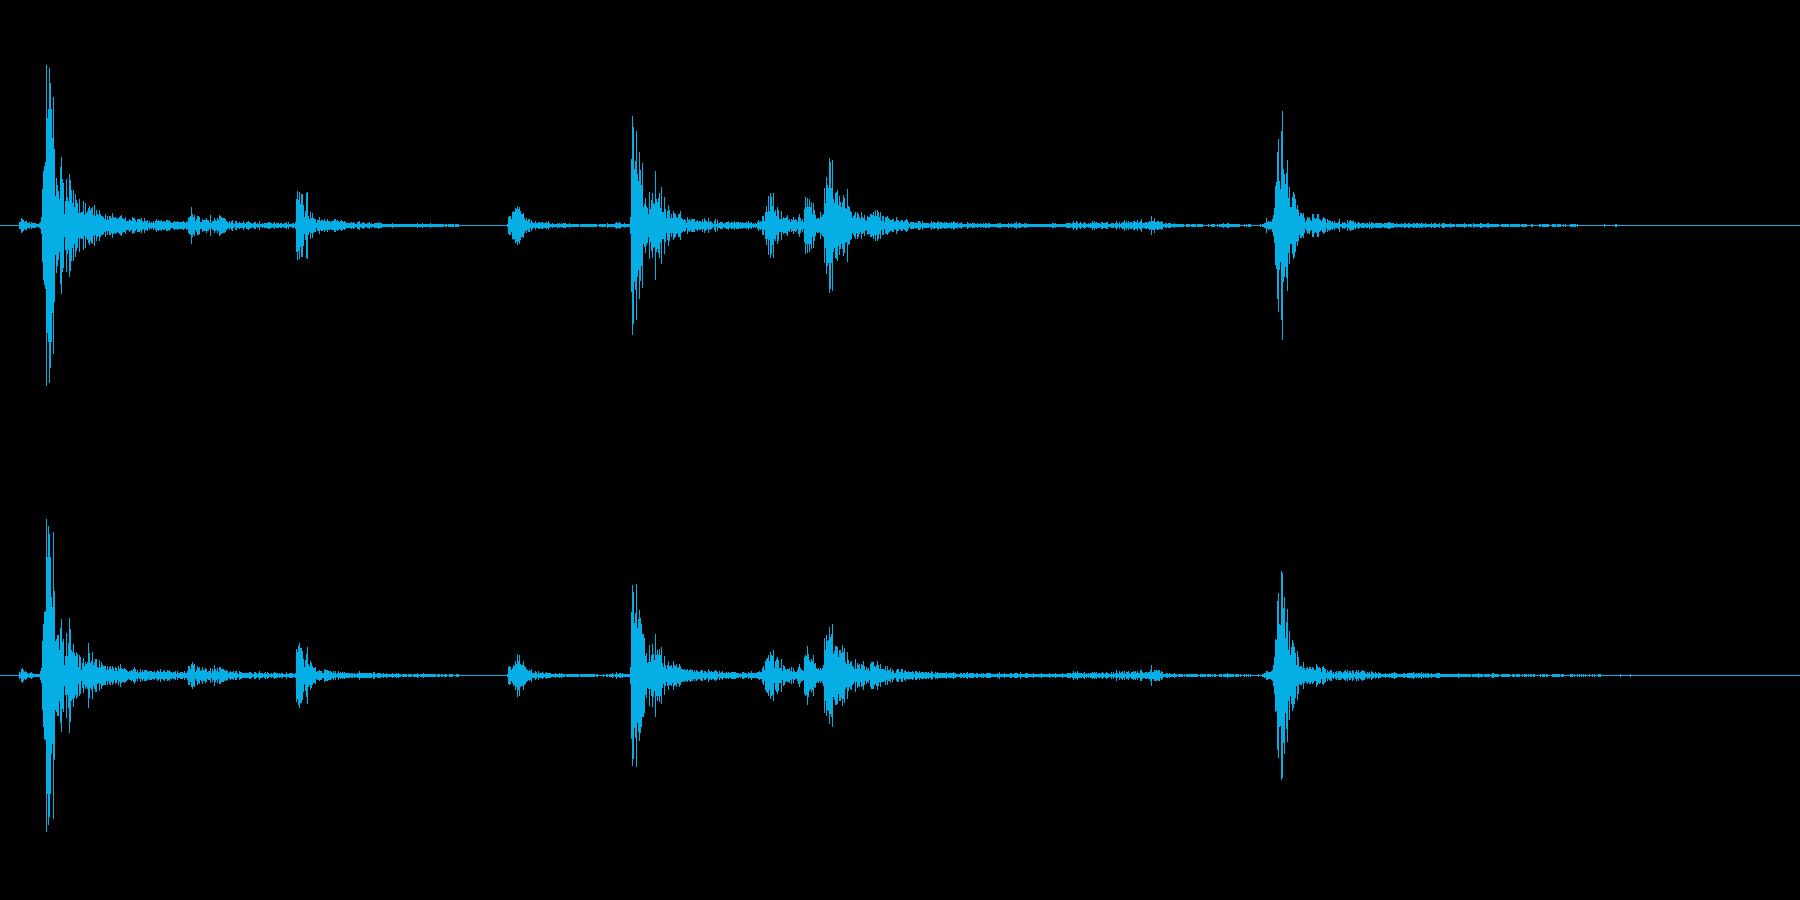 【生録音】パッケージ 開封音 8の再生済みの波形